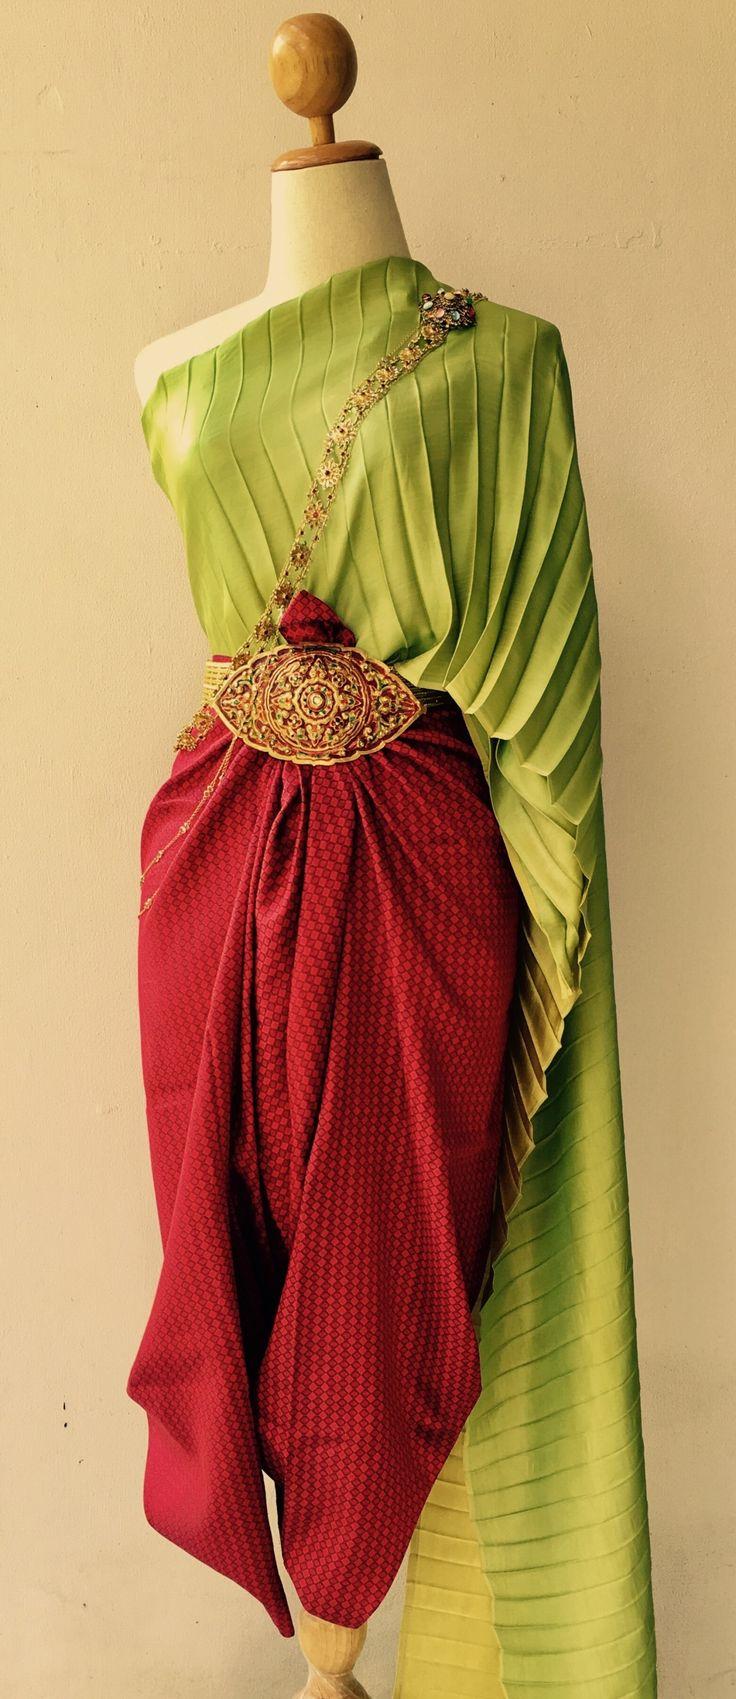 ถึงวันอาทิตย์ ห่มผ้าแพรสีเขียวโศก นุ่งผ้าไหมยกจีนสีแดงลิ้นจี่ ,สีแดงทับทิม ( แดงเลือดนก)